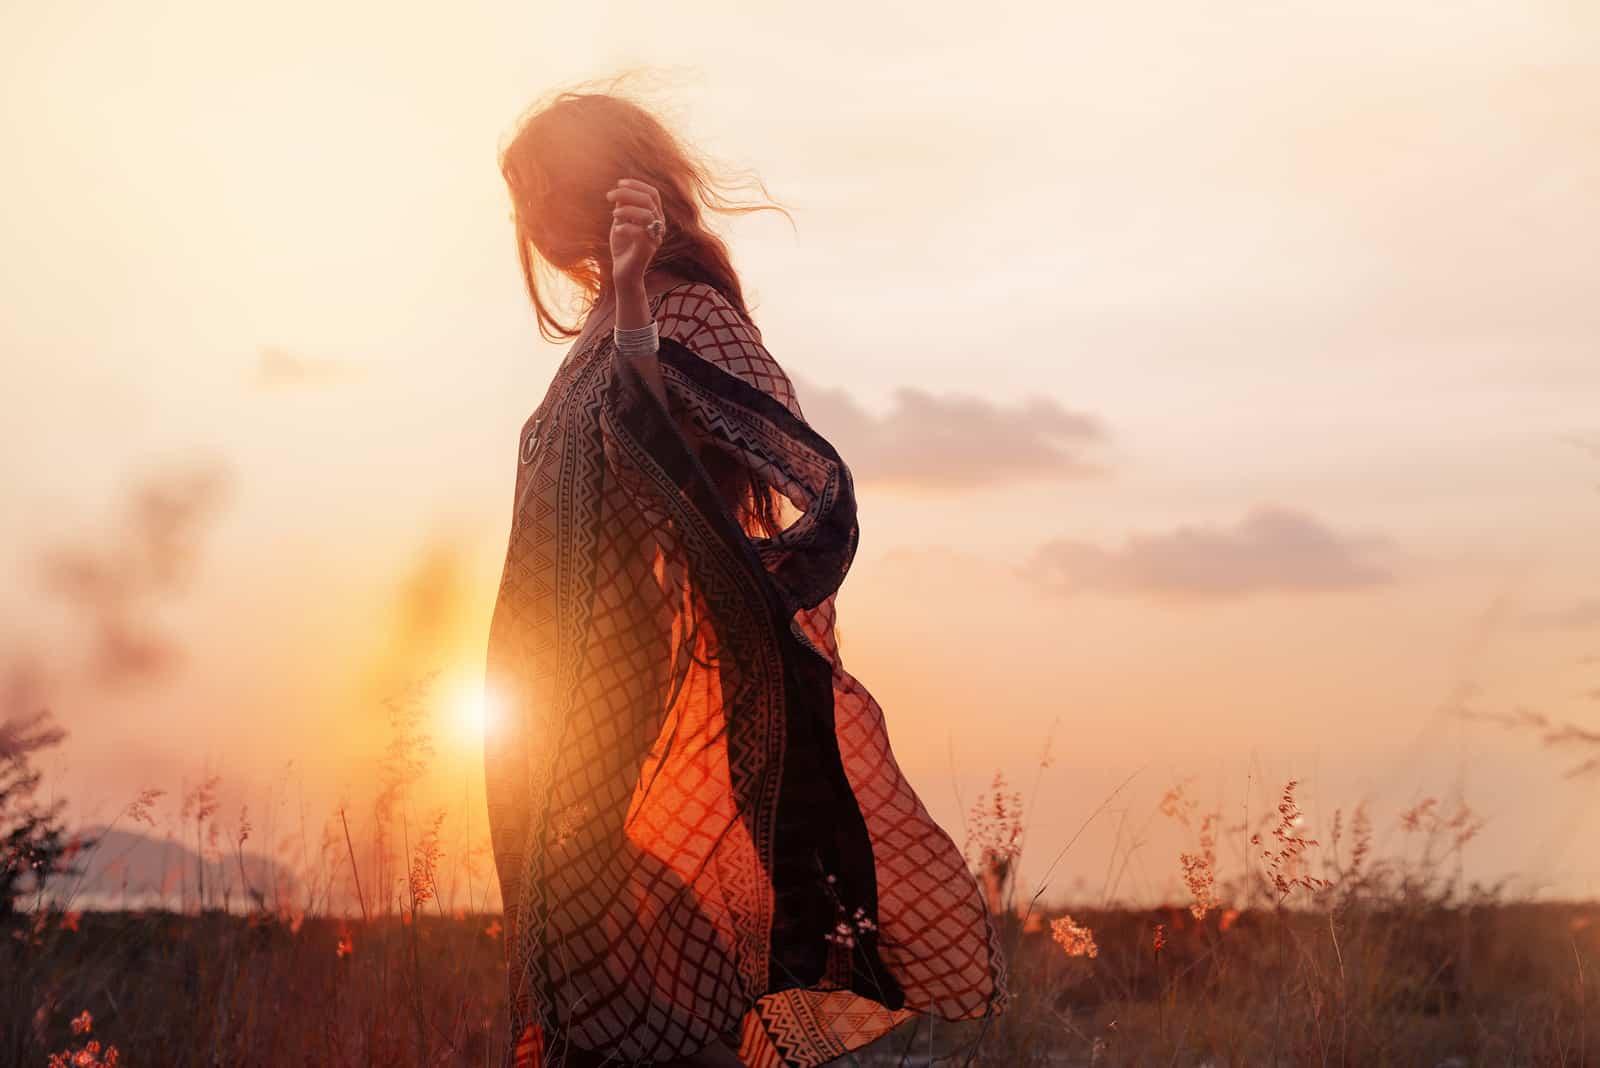 schöne junge Frau bei Sonnenuntergang